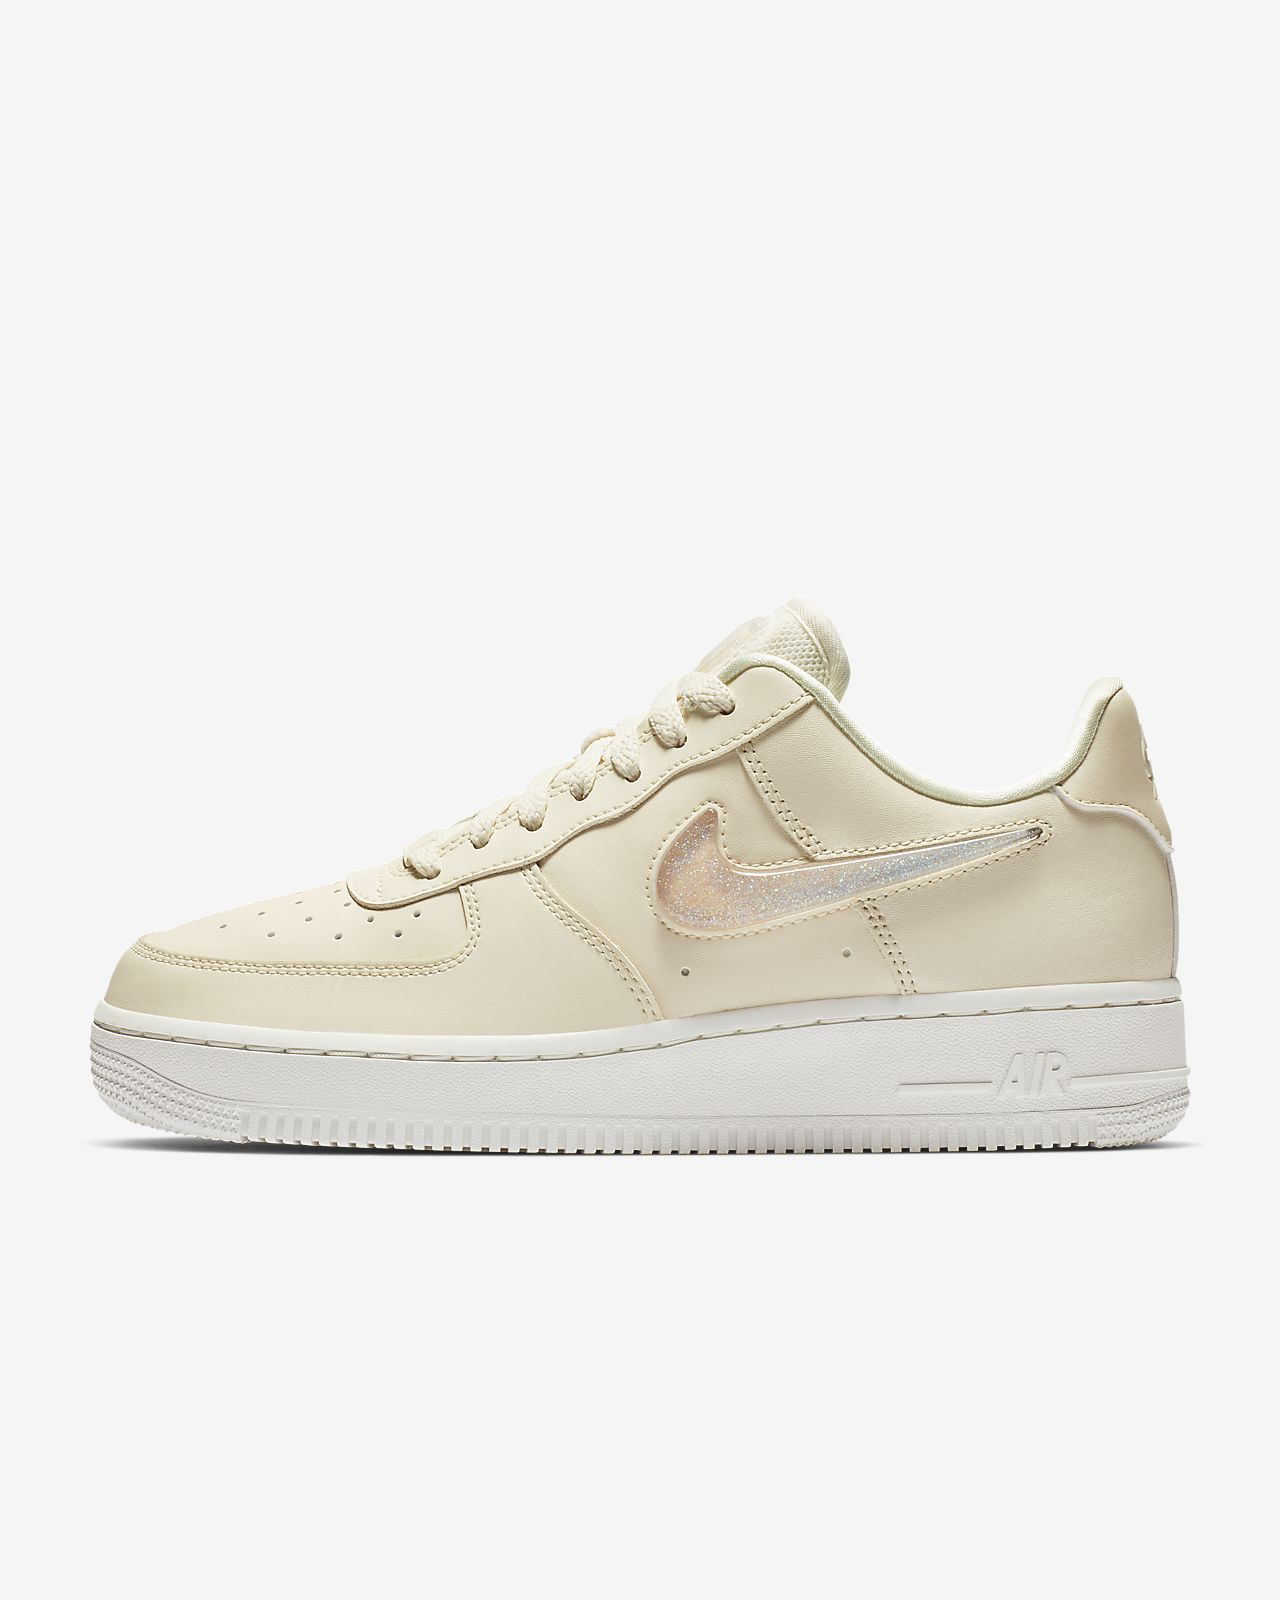 quality design ef298 73051 ... Sapatilhas Nike Air Force 1 07 SE Premium para mulher